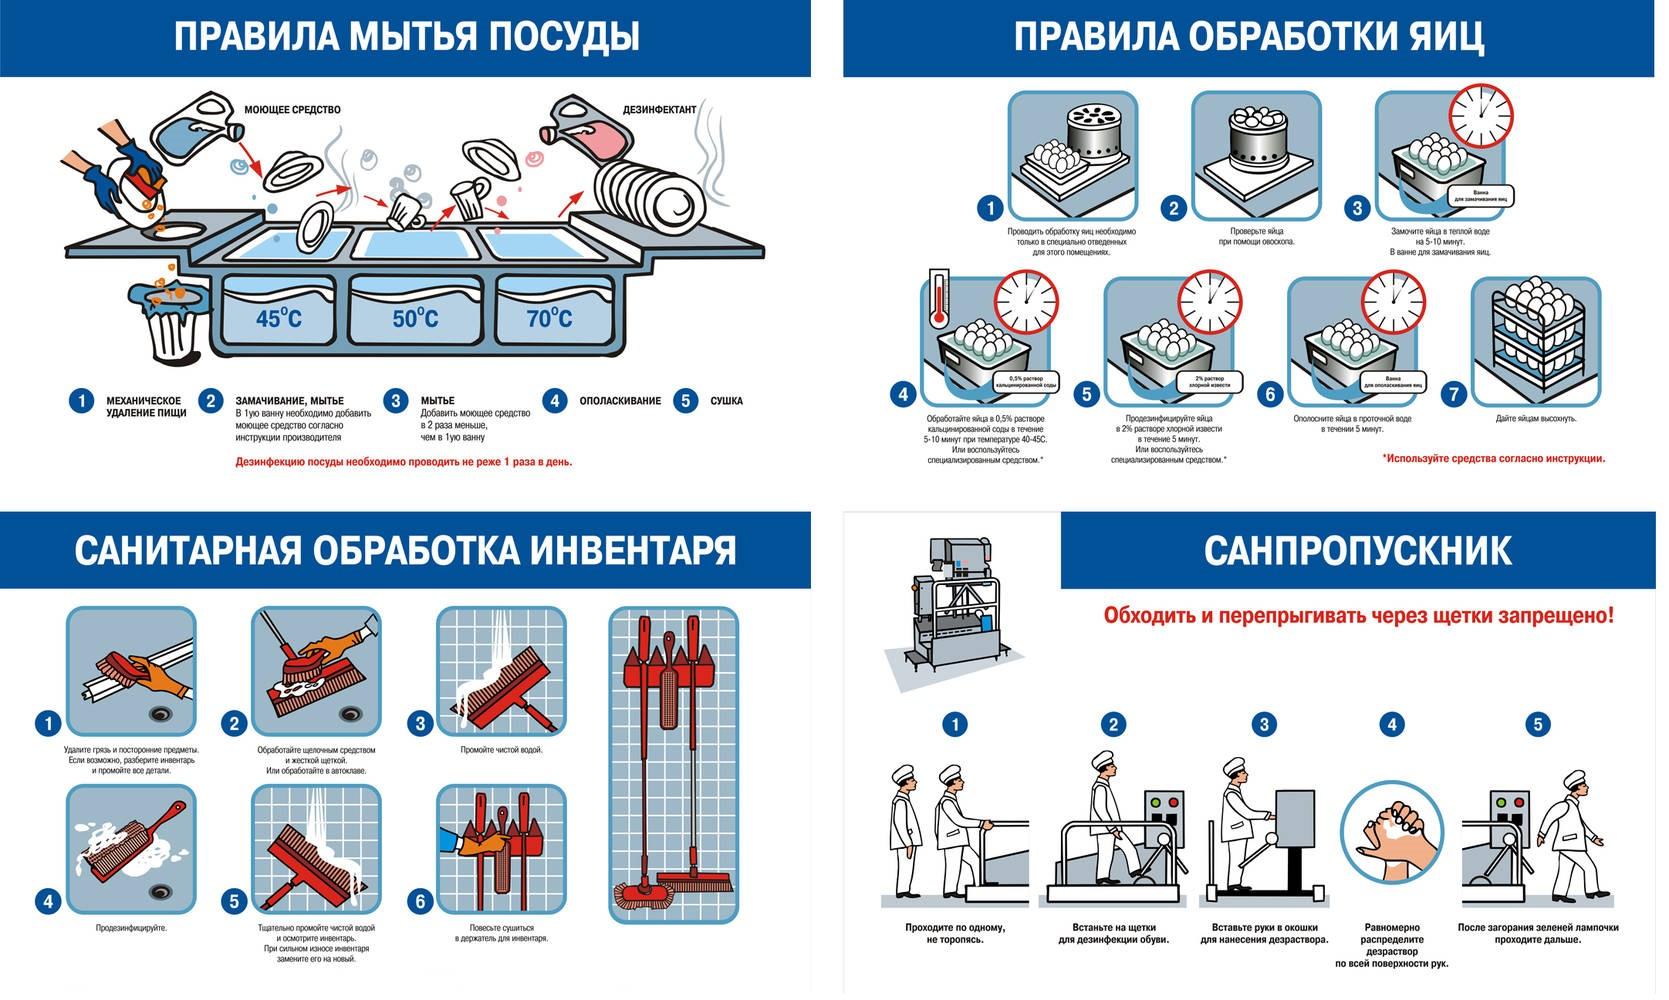 Зачем вакуумировать кондиционер: оборудование, задача и корректное решение